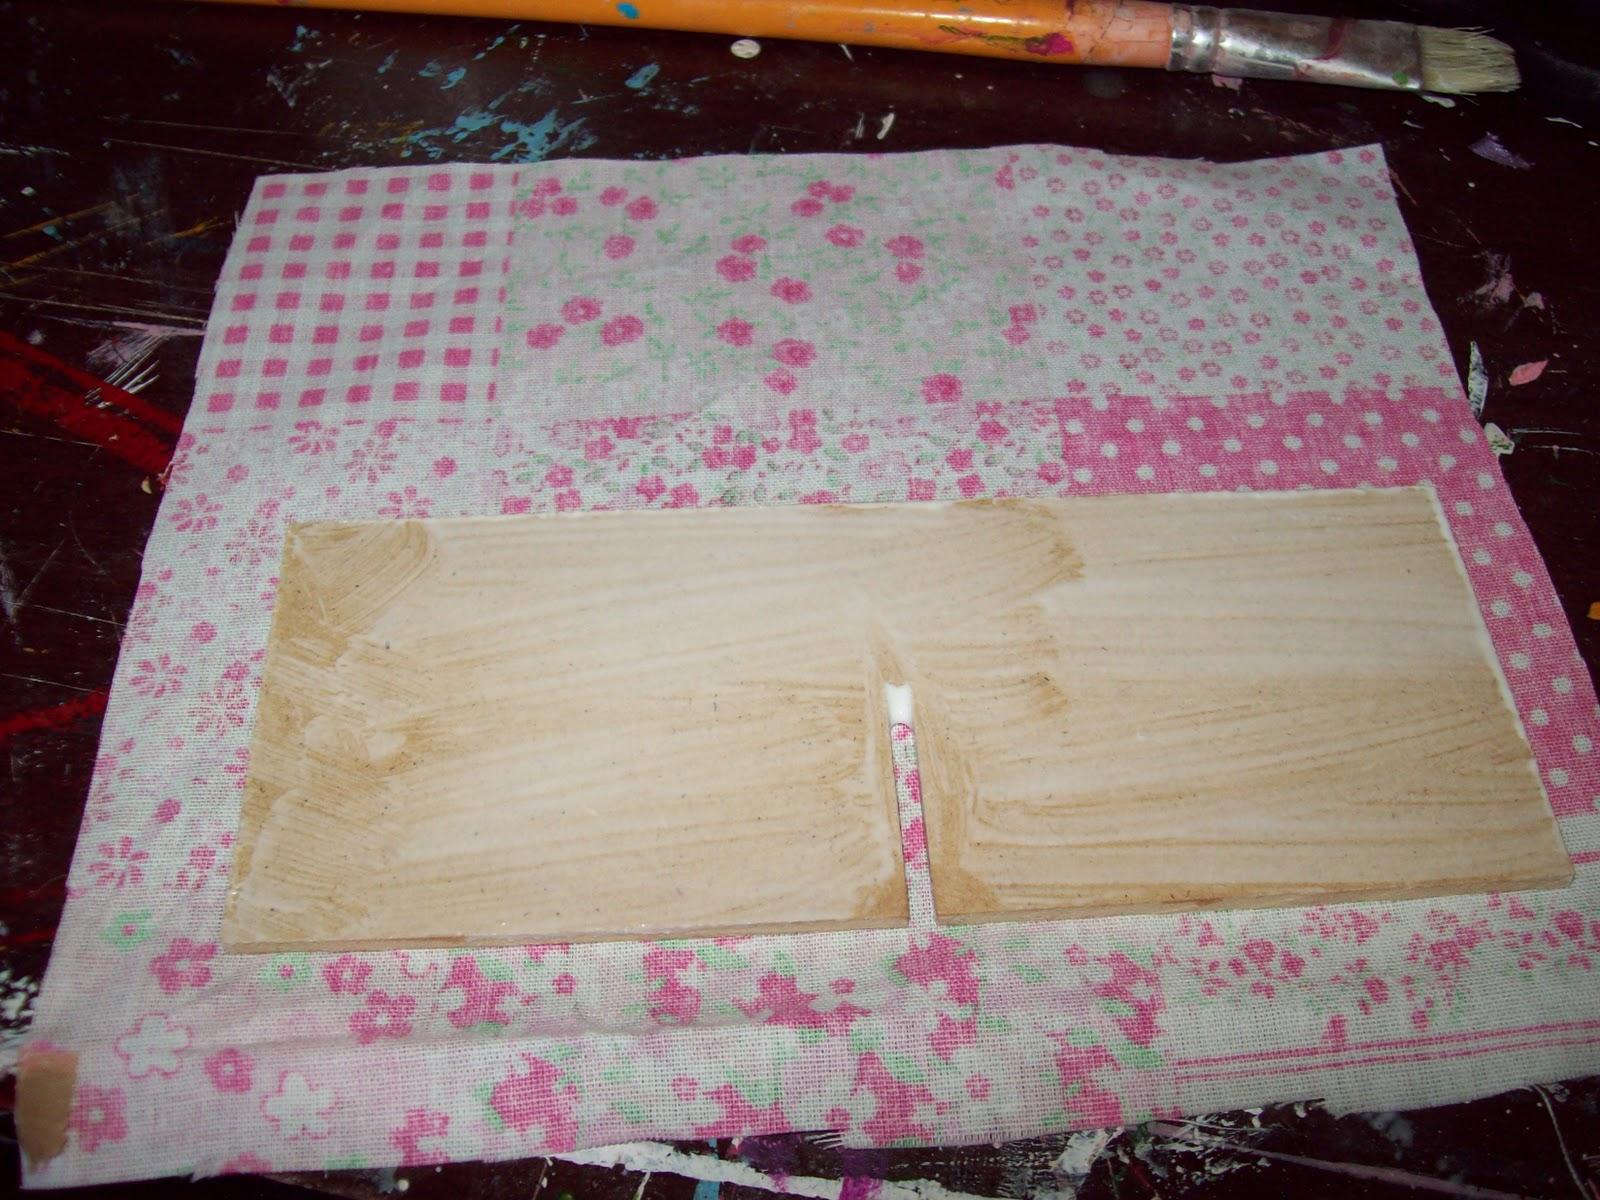 Metas: PAP como forrar com tecido divisórias de madeira #AA6121 1600x1200